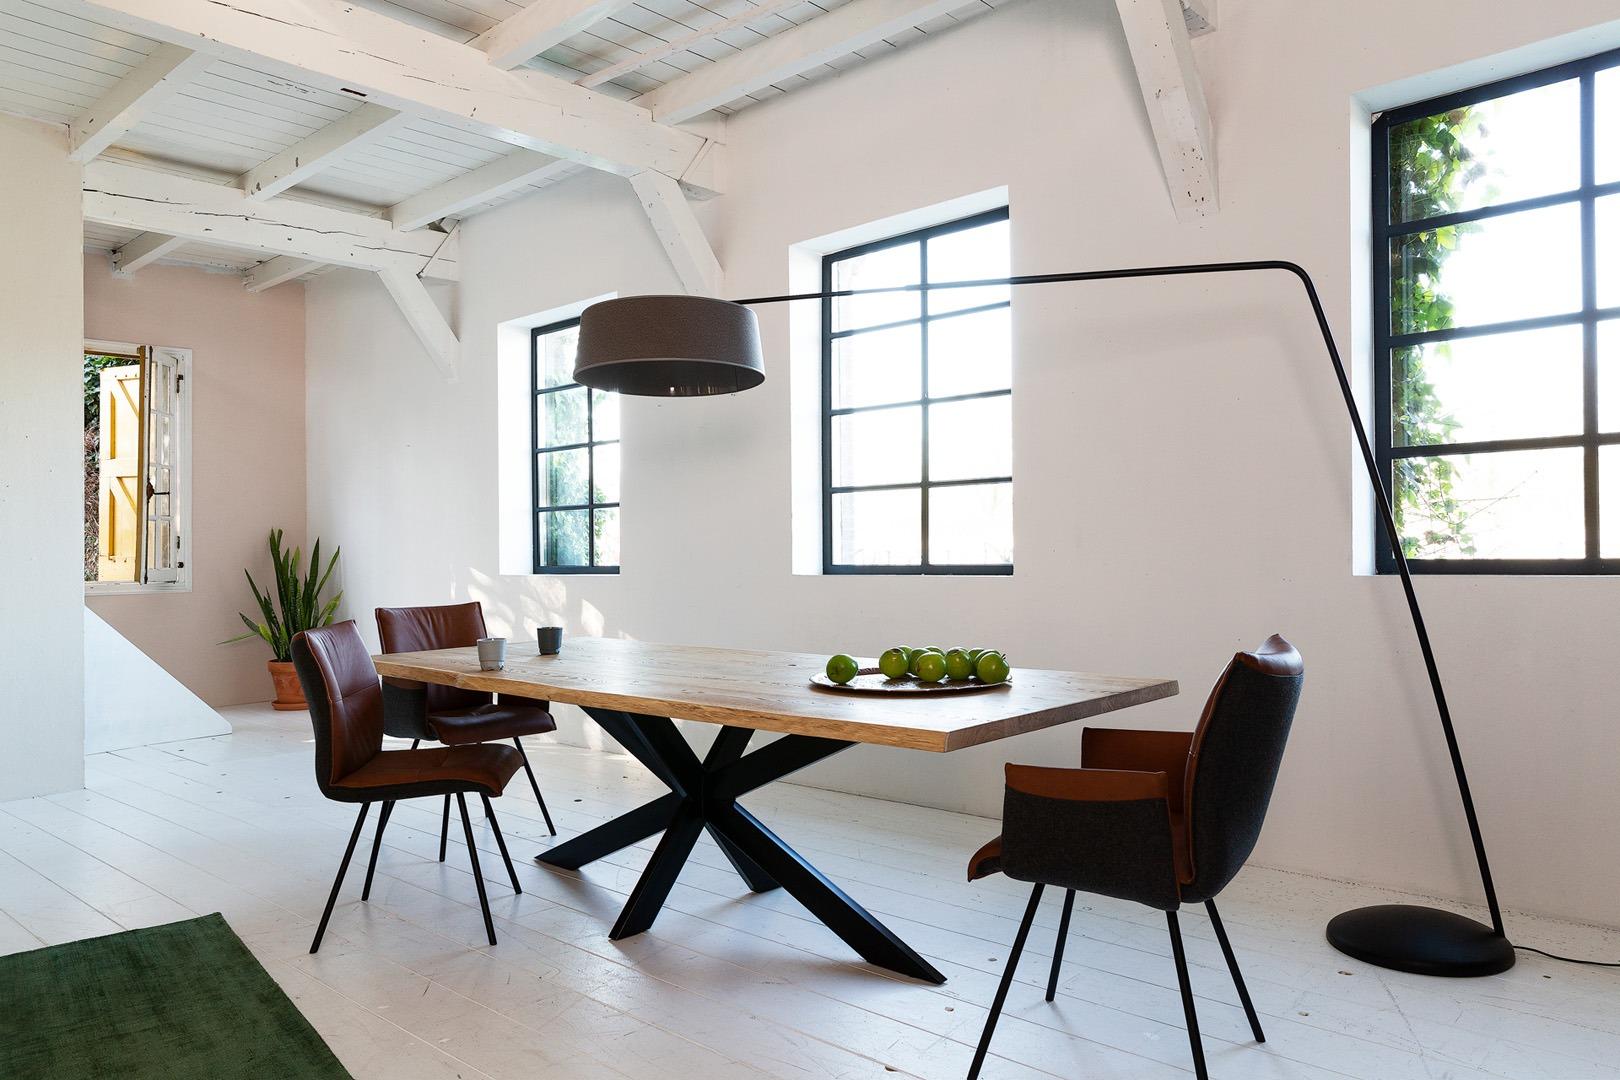 zanzibar-recht-tafel-hout-soofs-interieur-1- (1) (1)